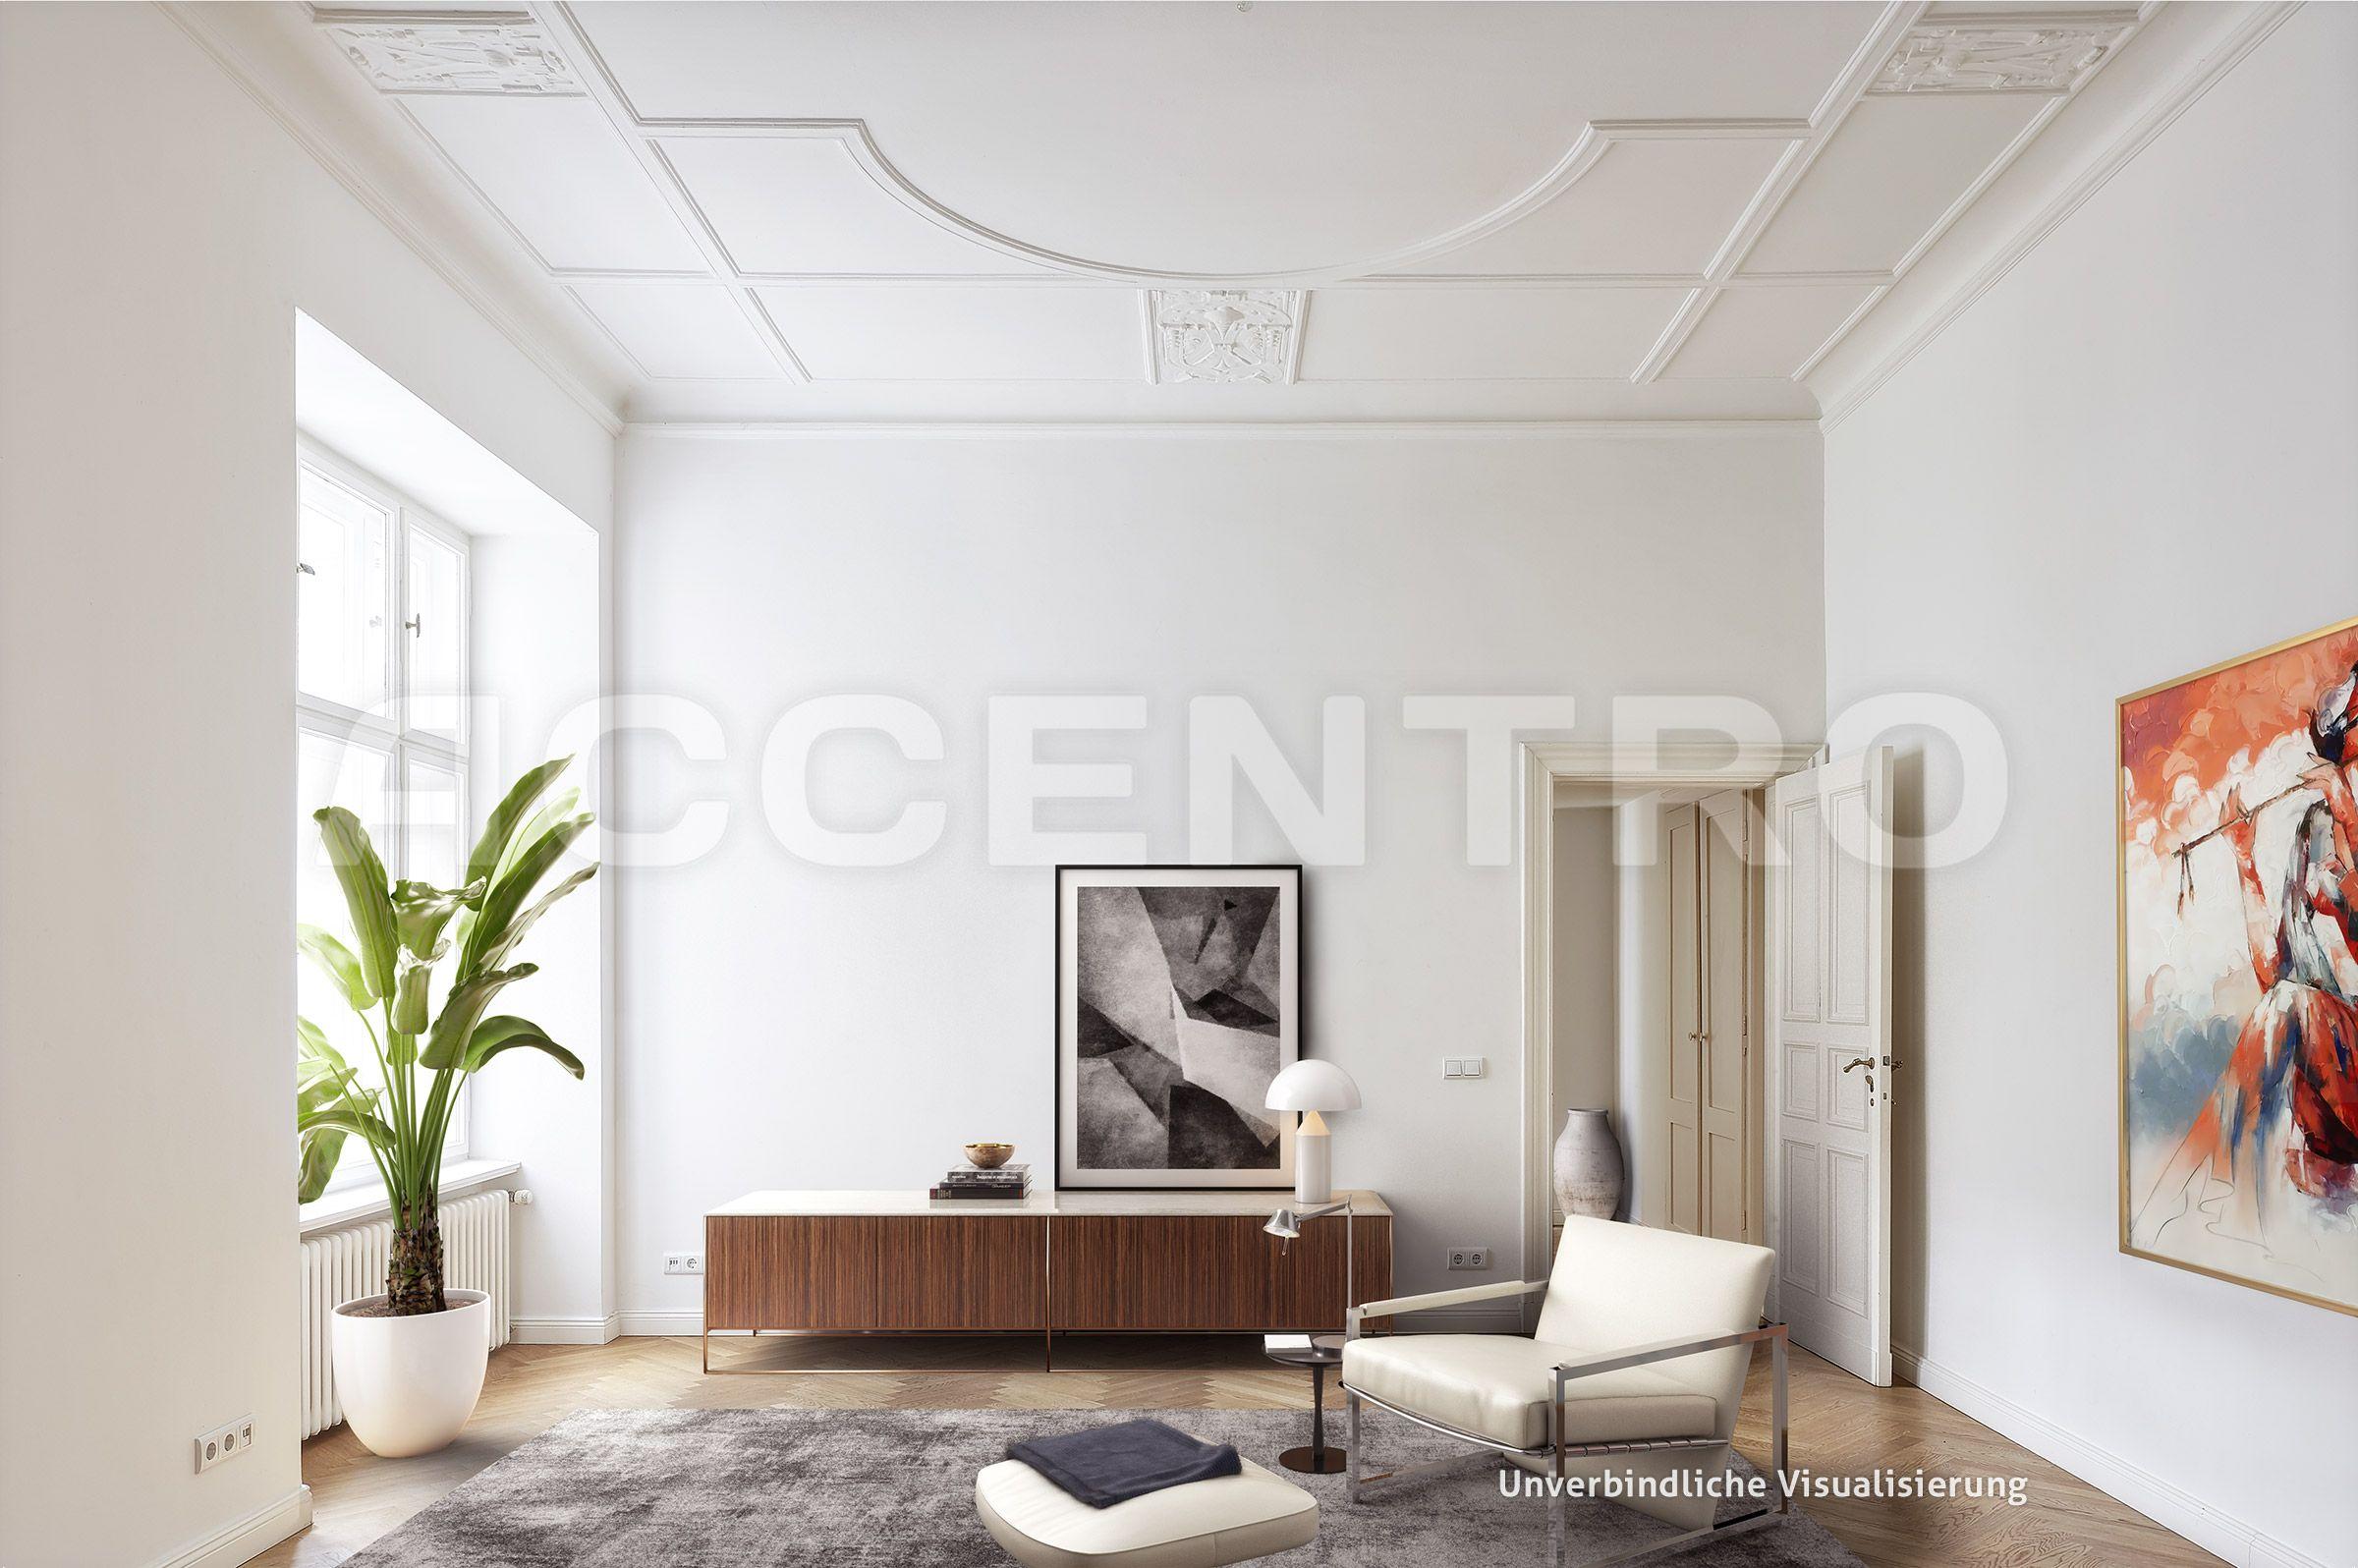 Luxurioses Wohnzimmer Mit Deckenstuck Und Dezenten Wandbildern Altbau Antrazit Ledersessel Weisse Couch P Wohnung 2 Zimmer Wohnung Wohnung Schlafzimmer